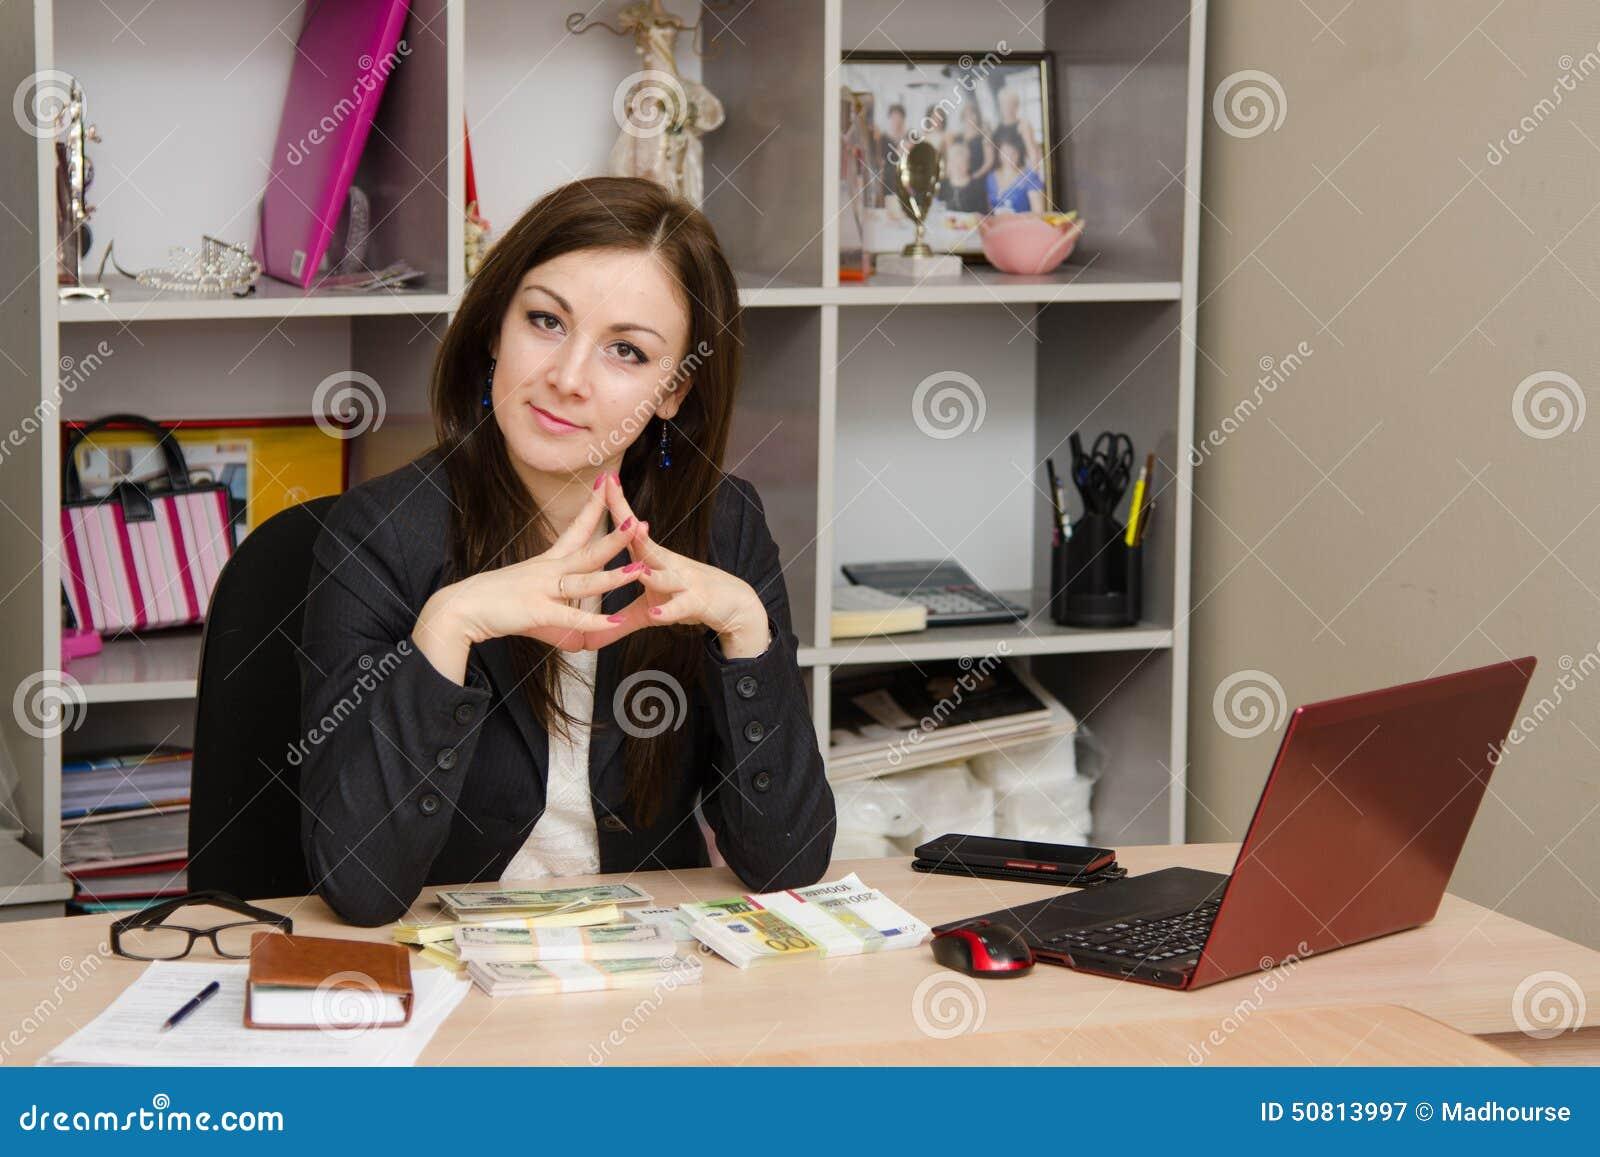 Русскую прям в кабинете, Начальница заставляет рабочего трахать в кабинете 27 фотография